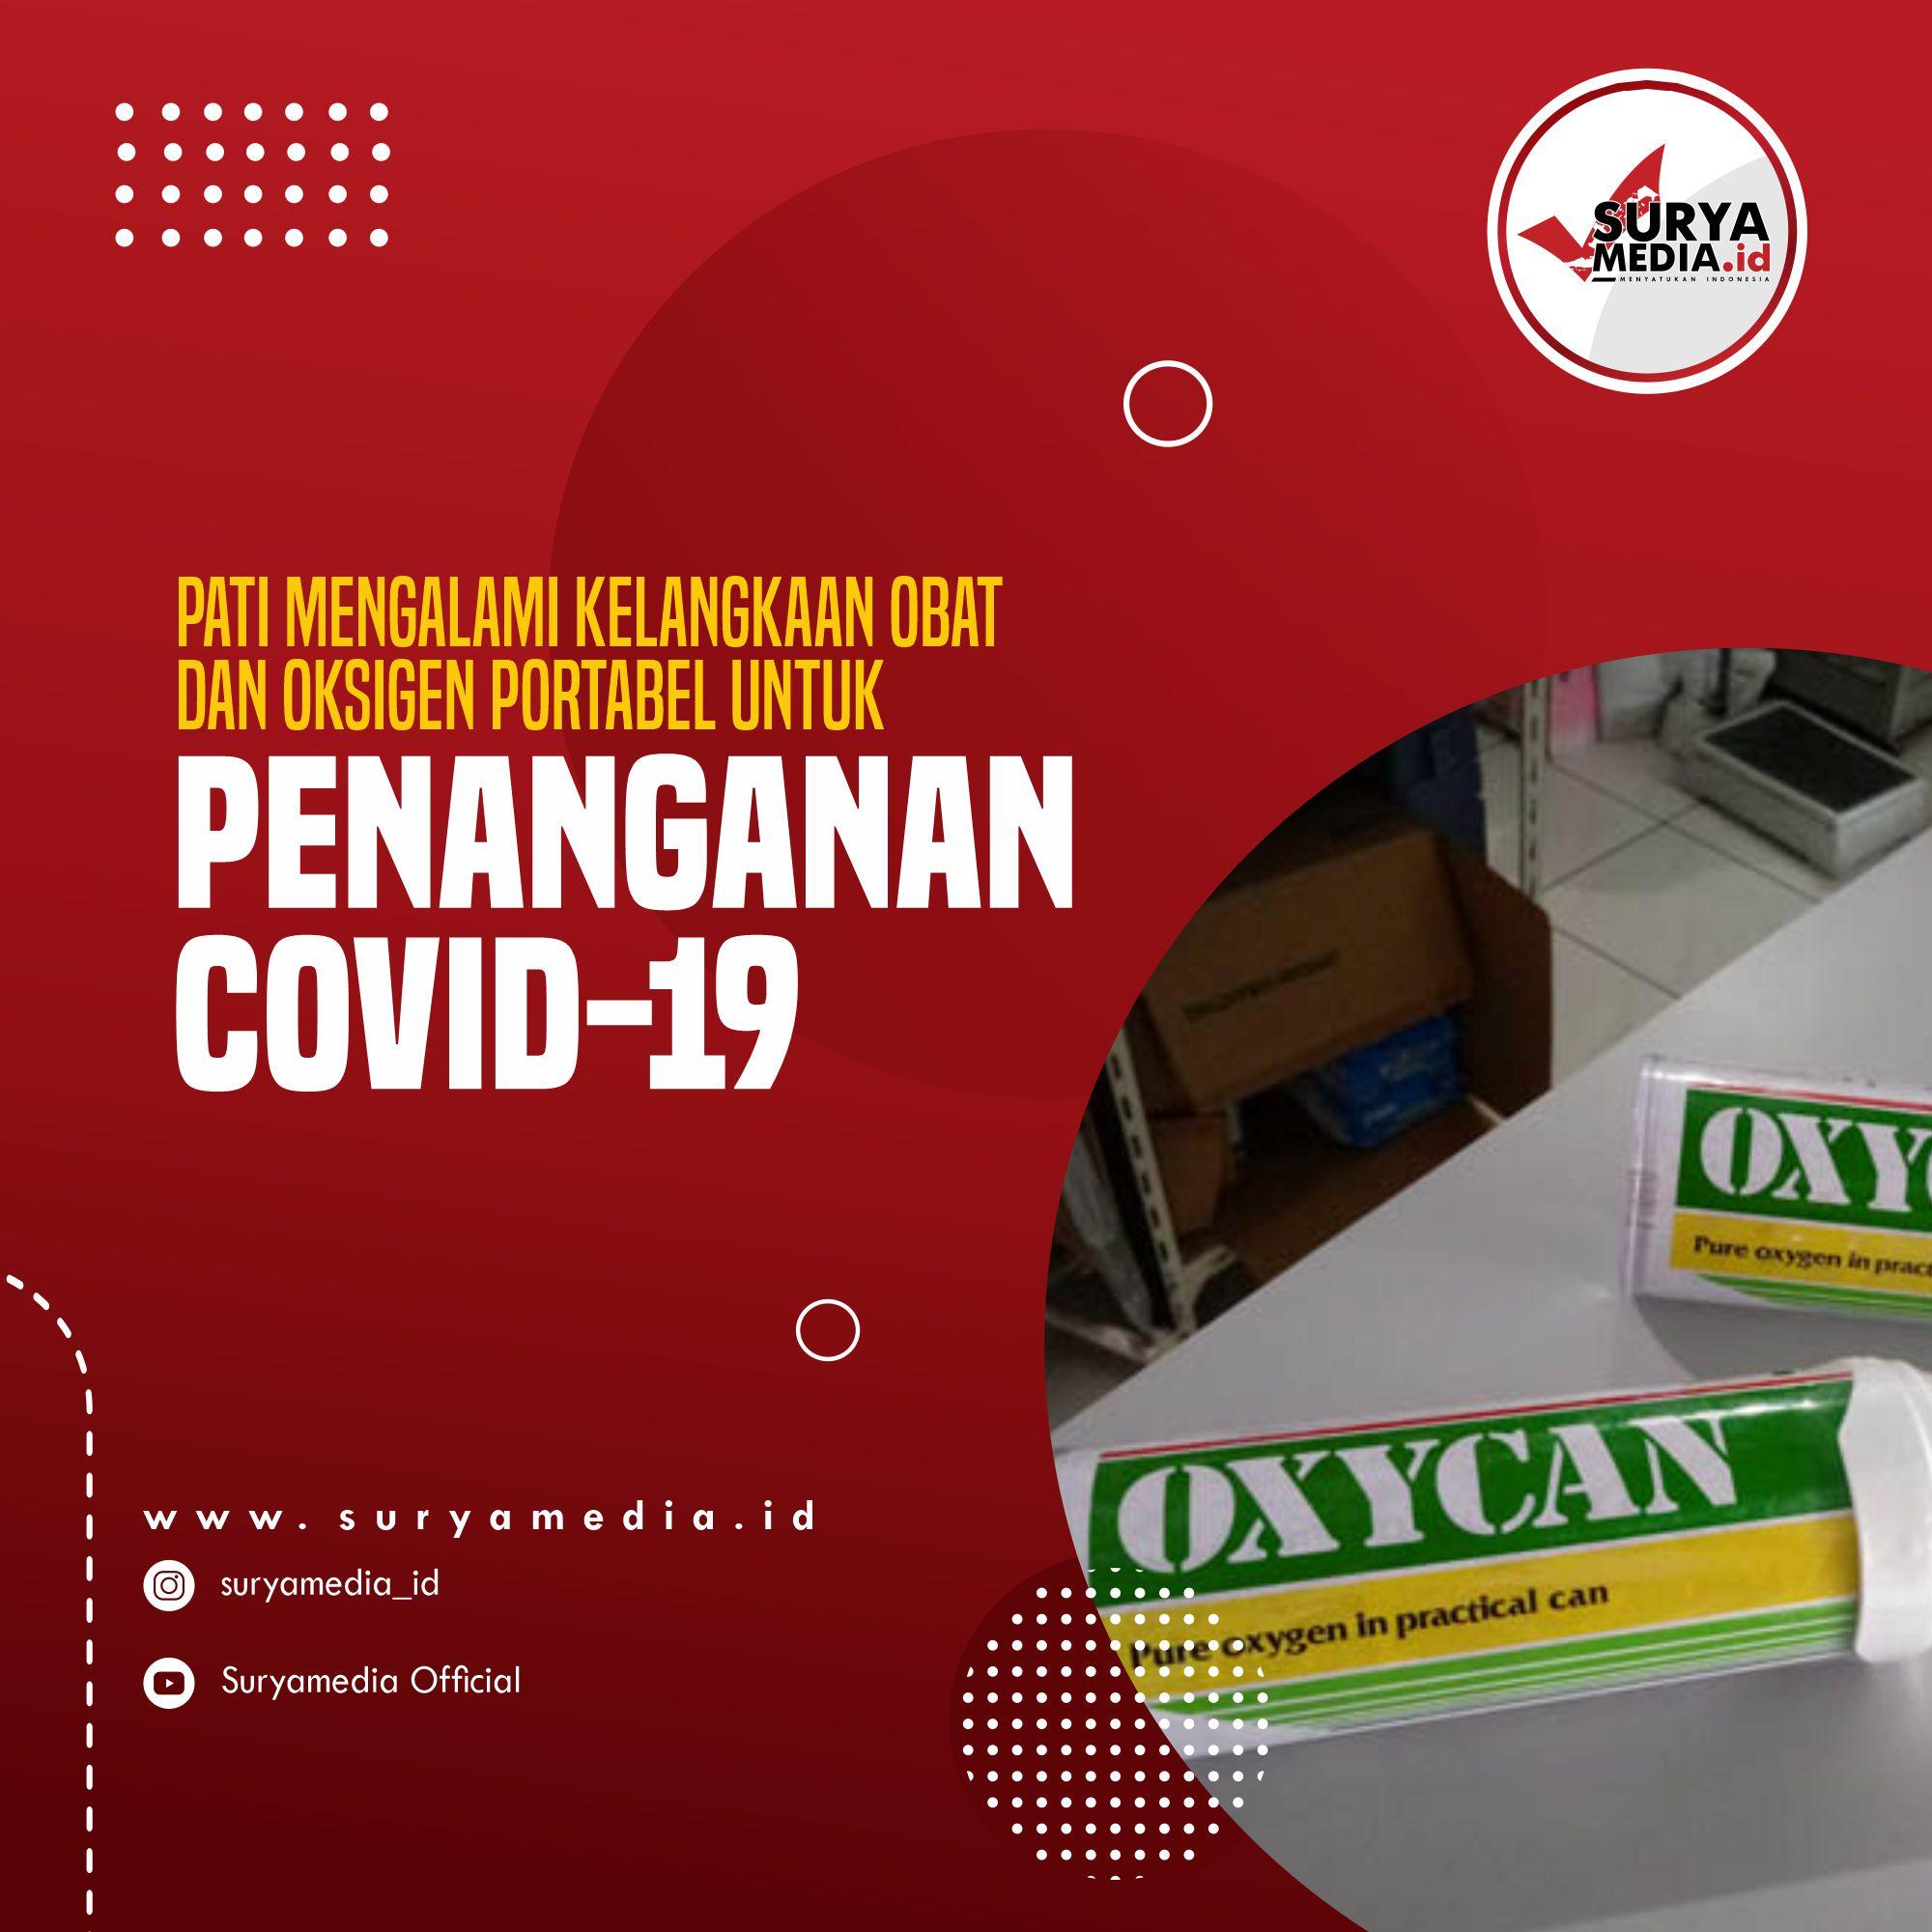 Pati Mengalami Kelangkaan Obat dan Oksigen Portabel untuk Penanganan Covid-19 A